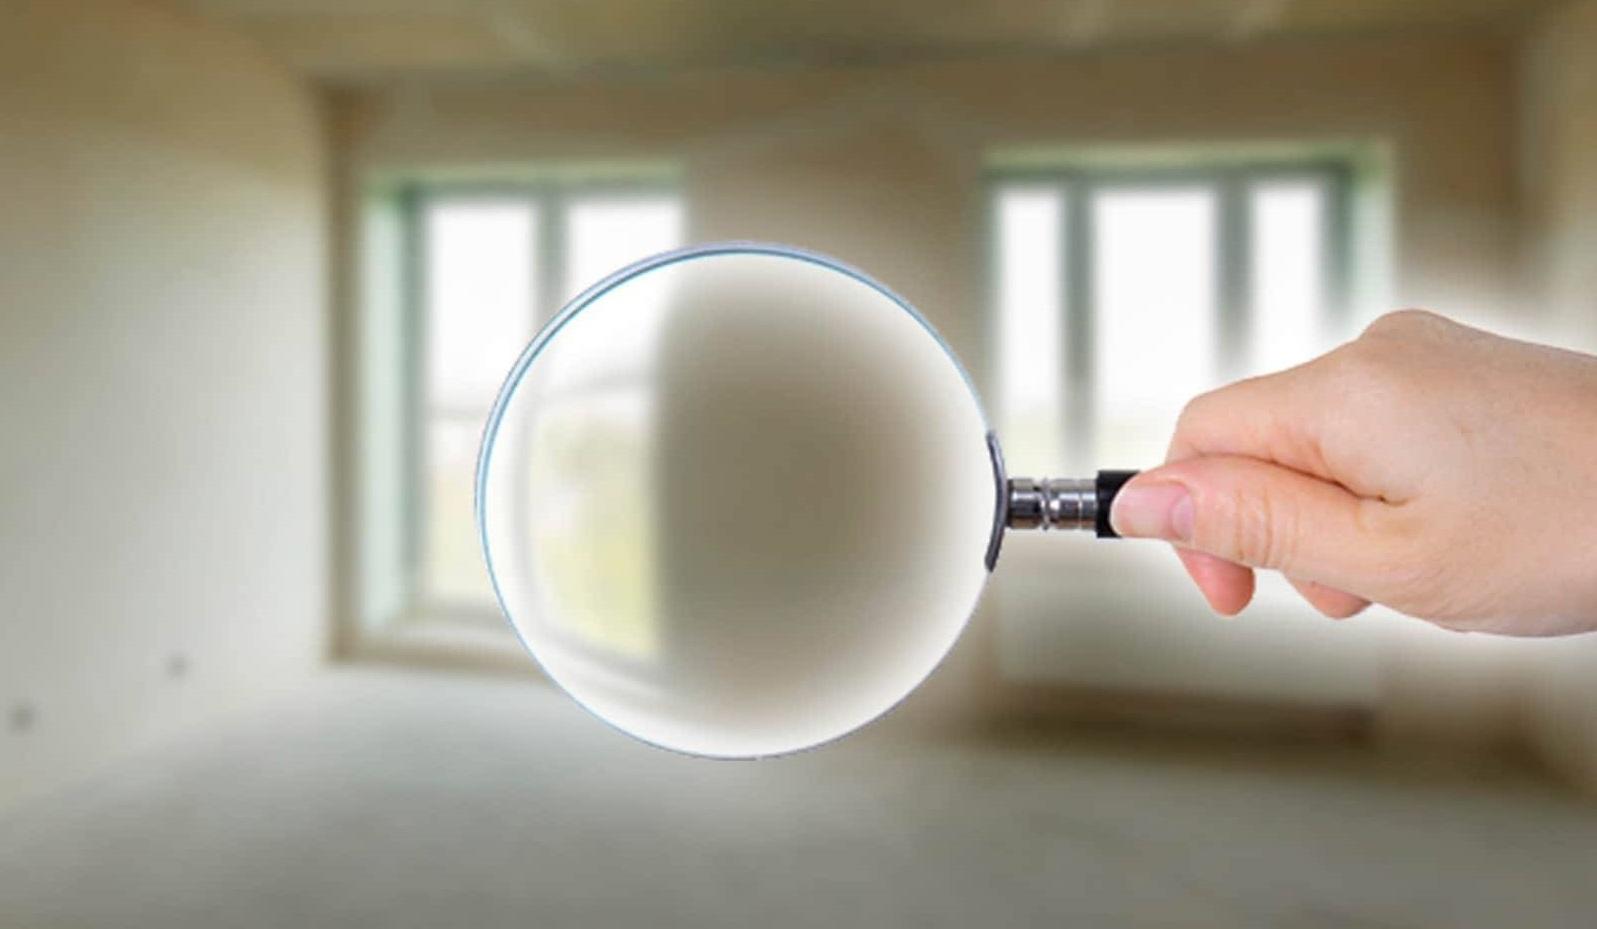 Приемка квартиры в новостройке — на что обращать внимание?